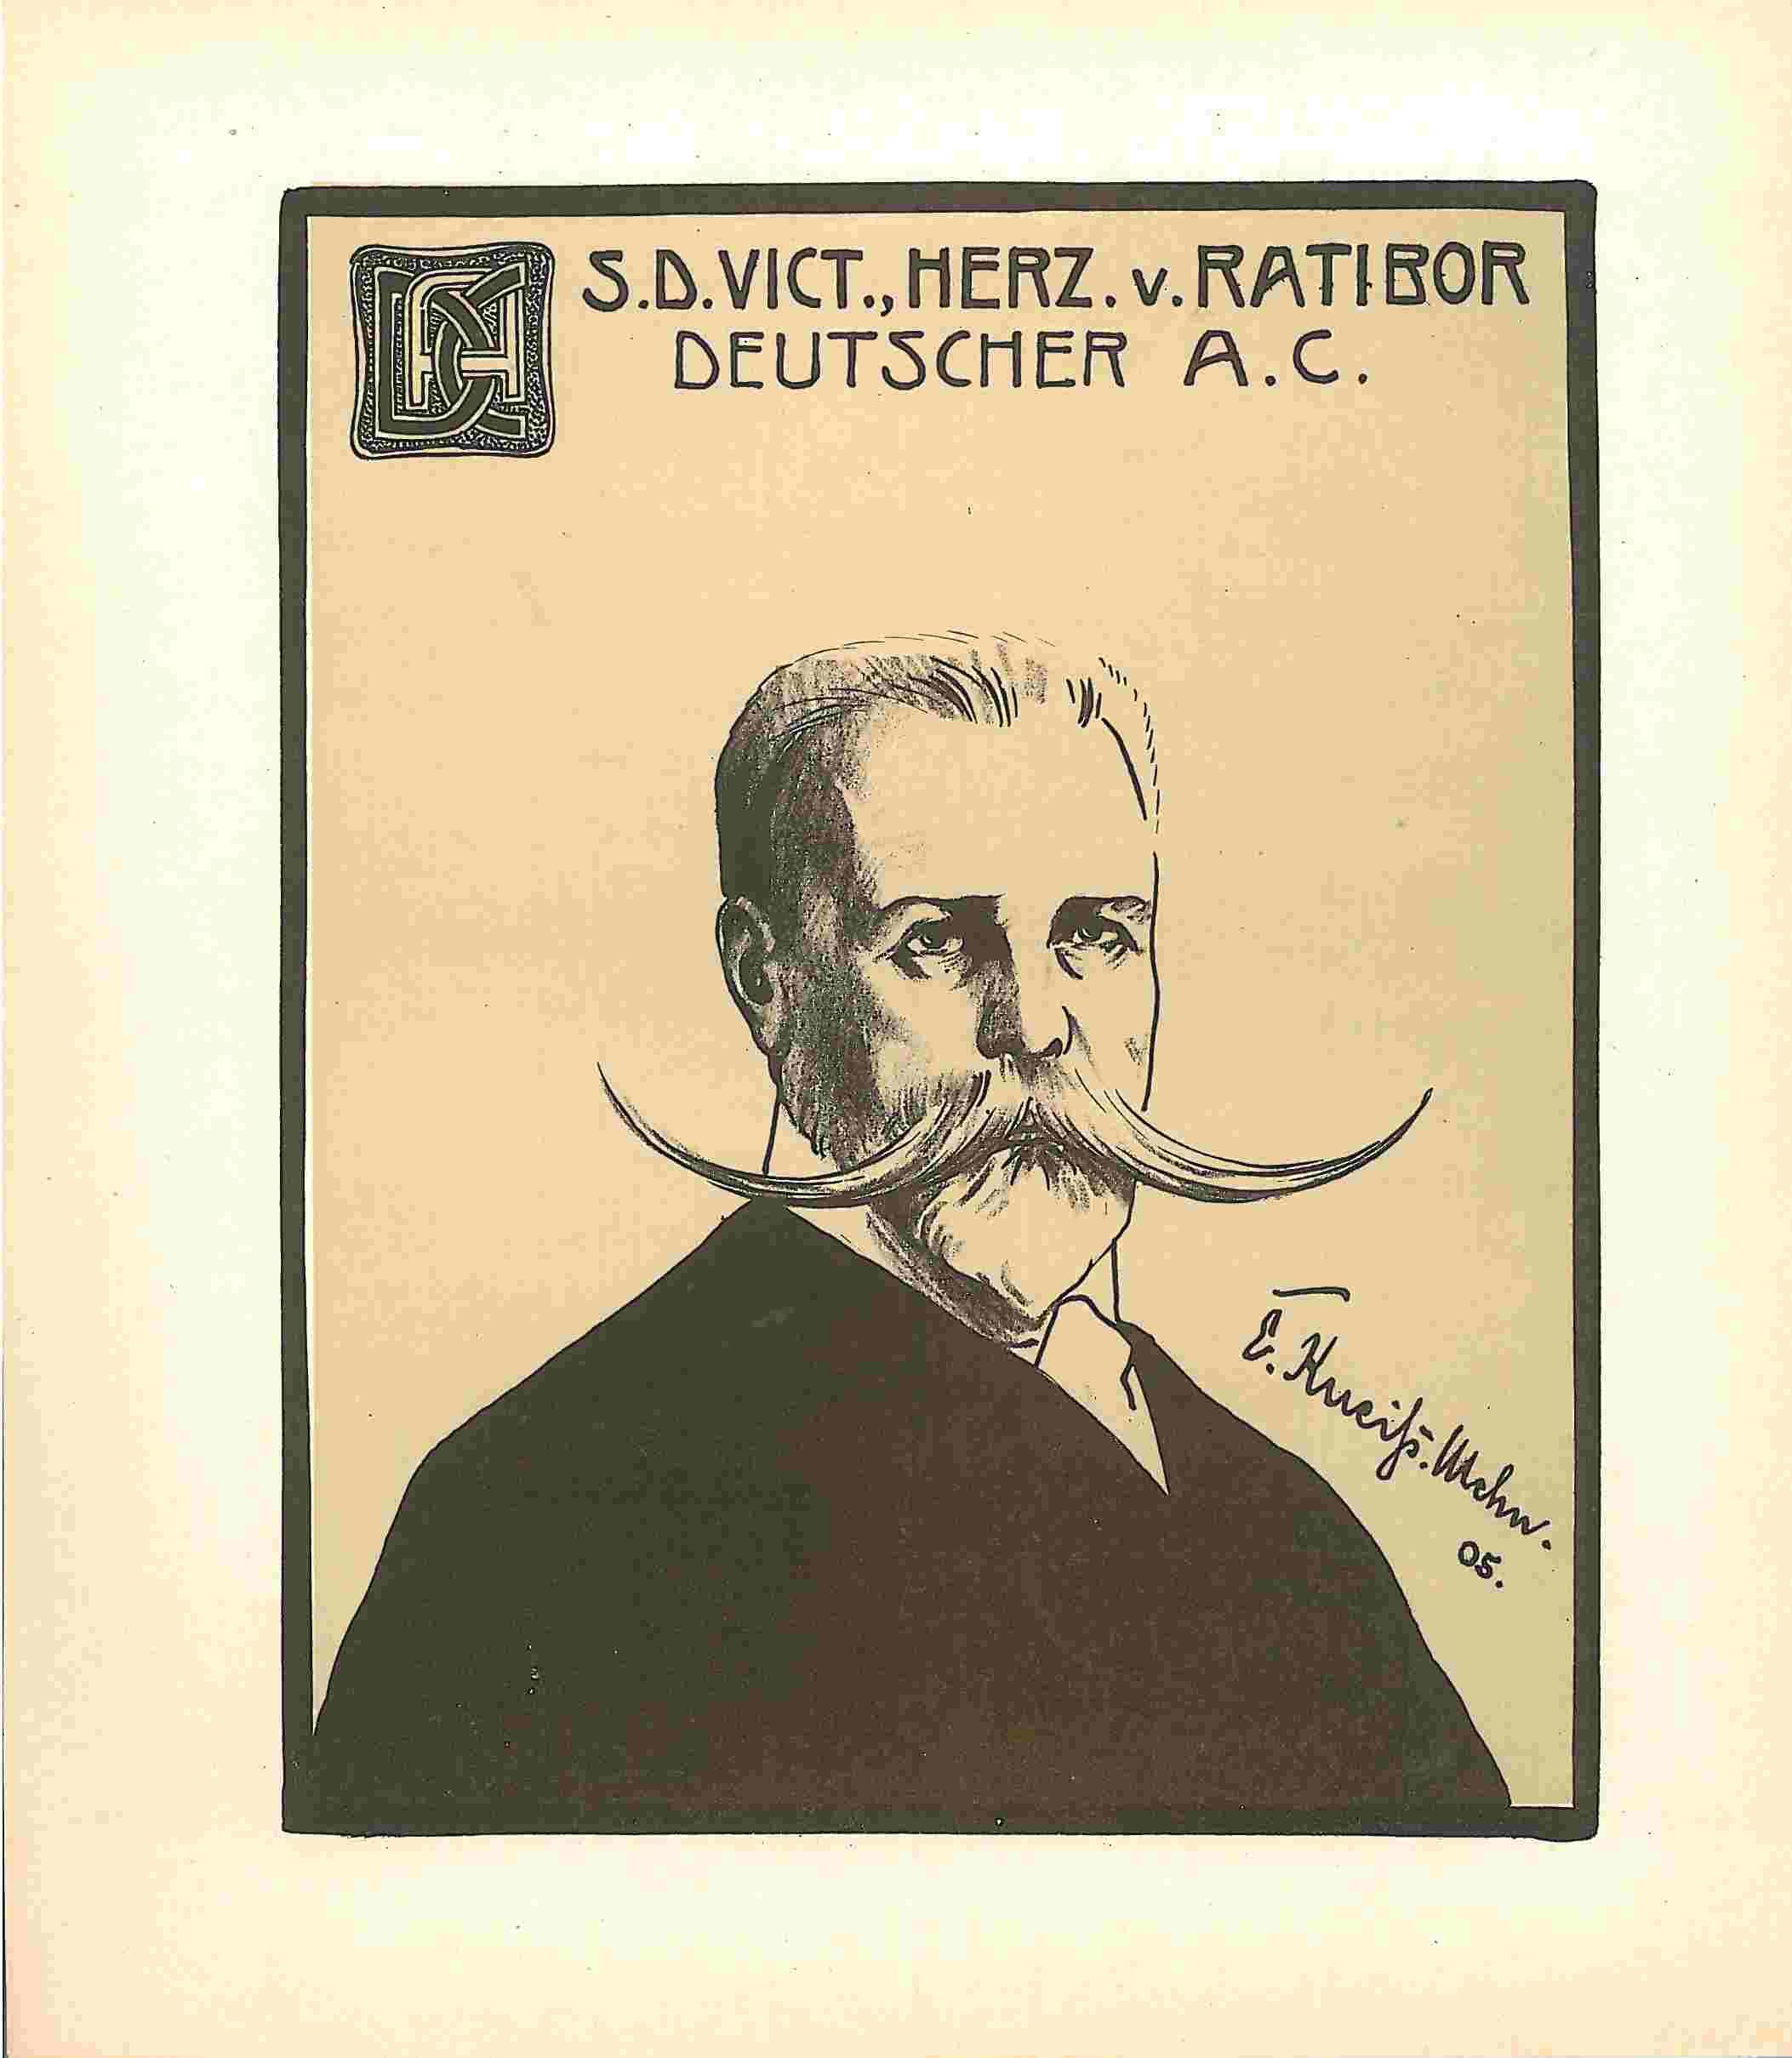 Herzog von Ratibor: DAC